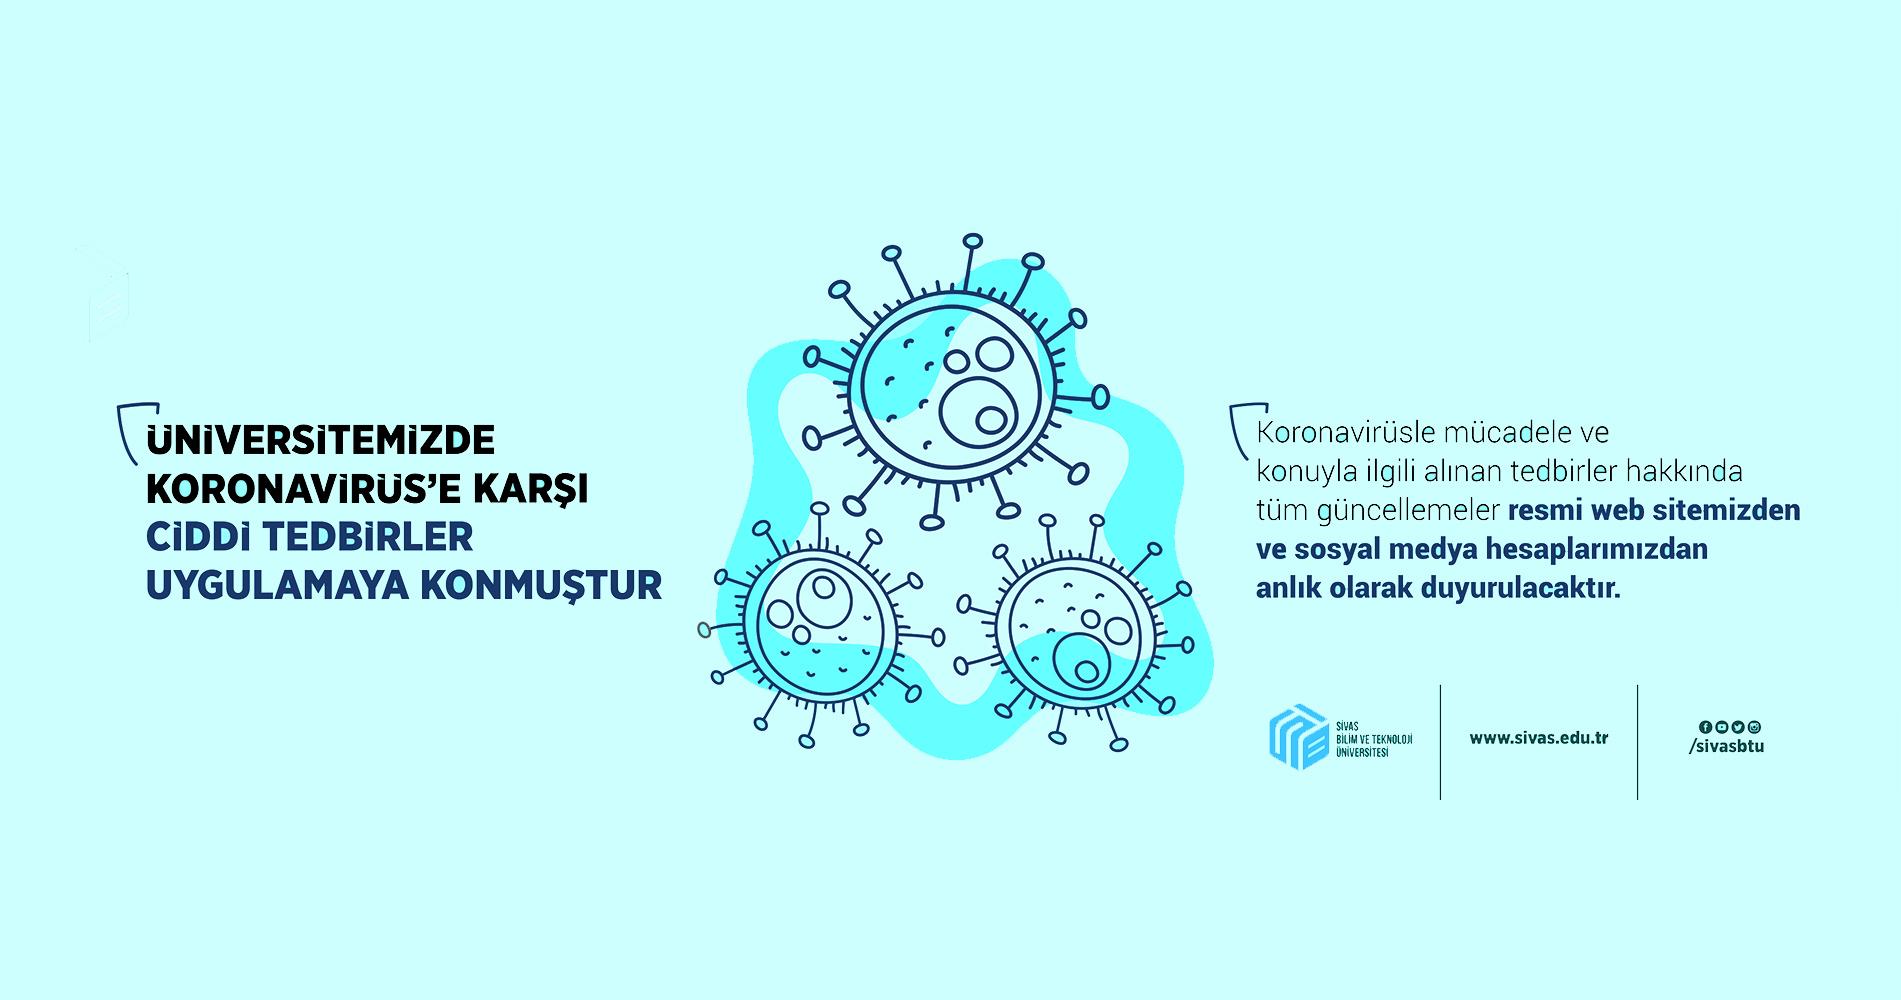 Üniversitemizde Koronavirüs'e Karşı Ciddi Tedbirler Uygulamaya Konmuştur